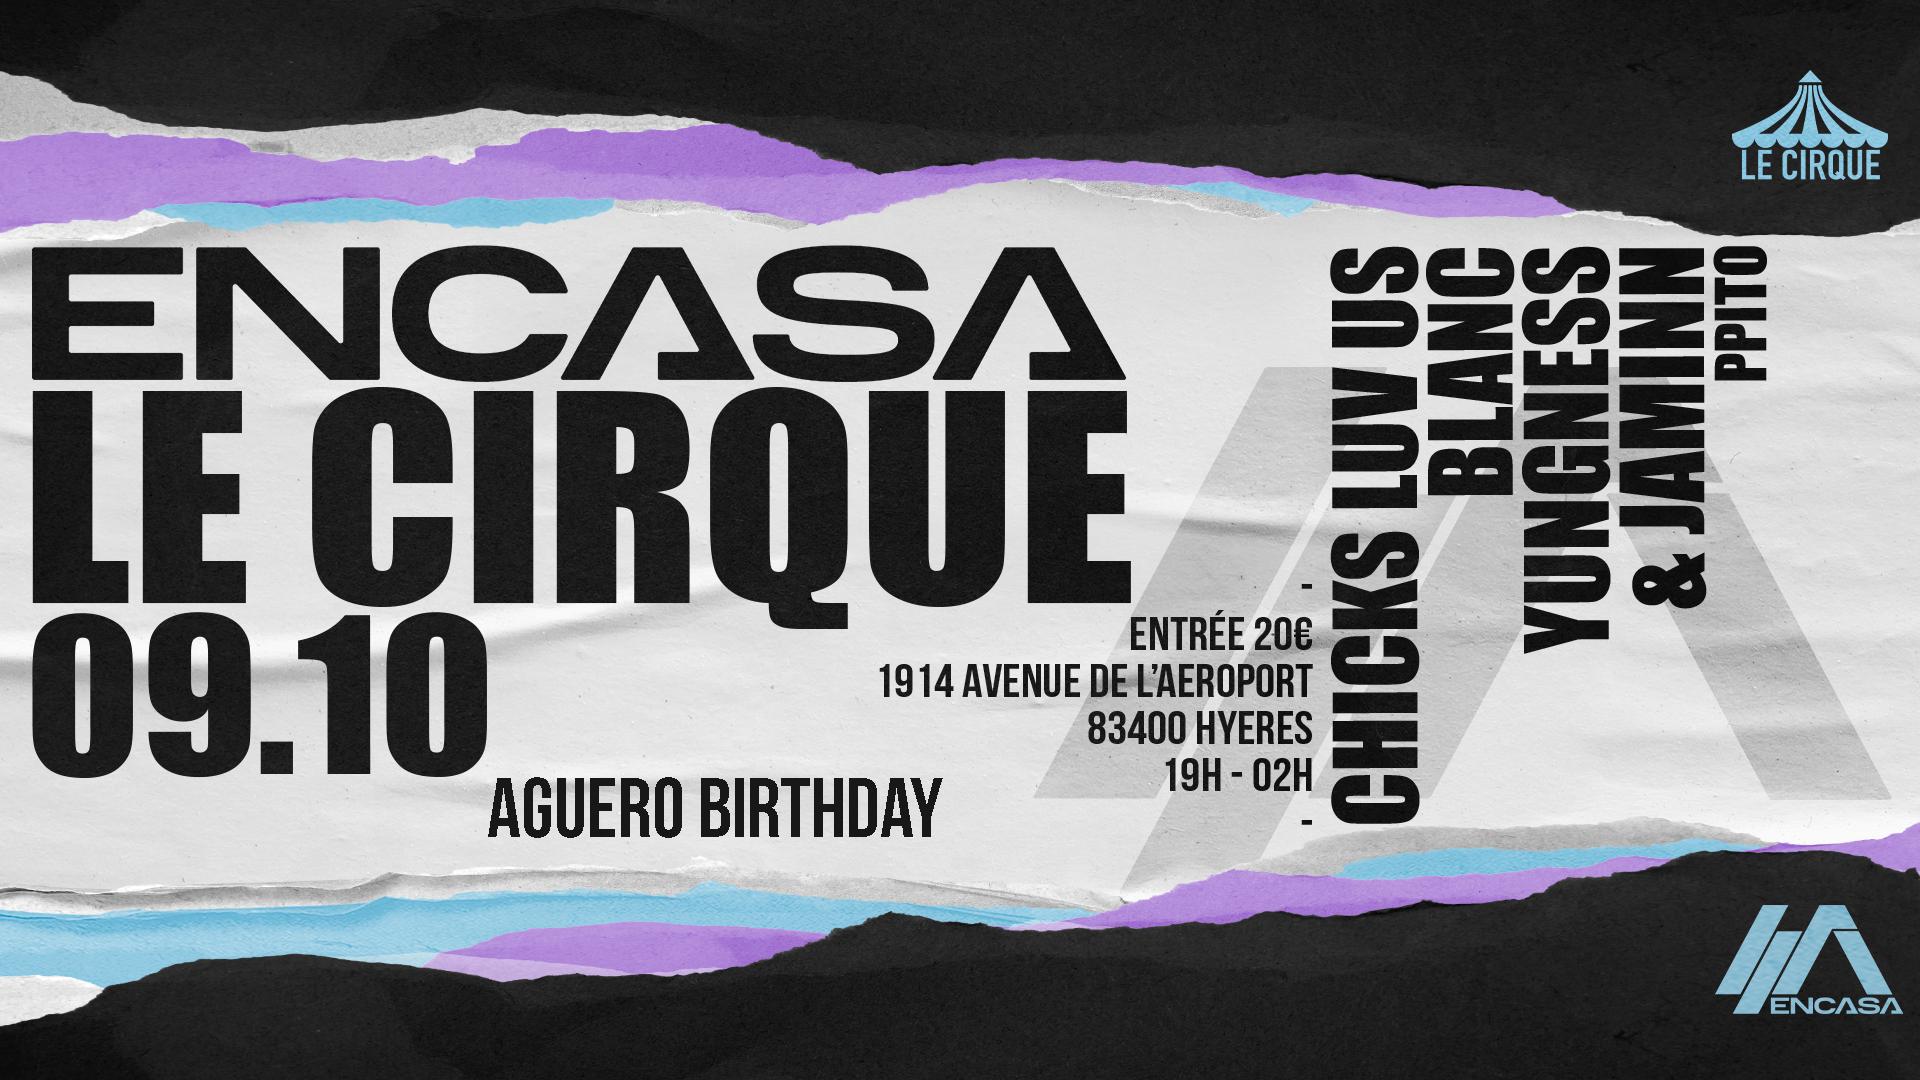 ENCASA AGUERO BIRTHDAY @t LE CIRQUE